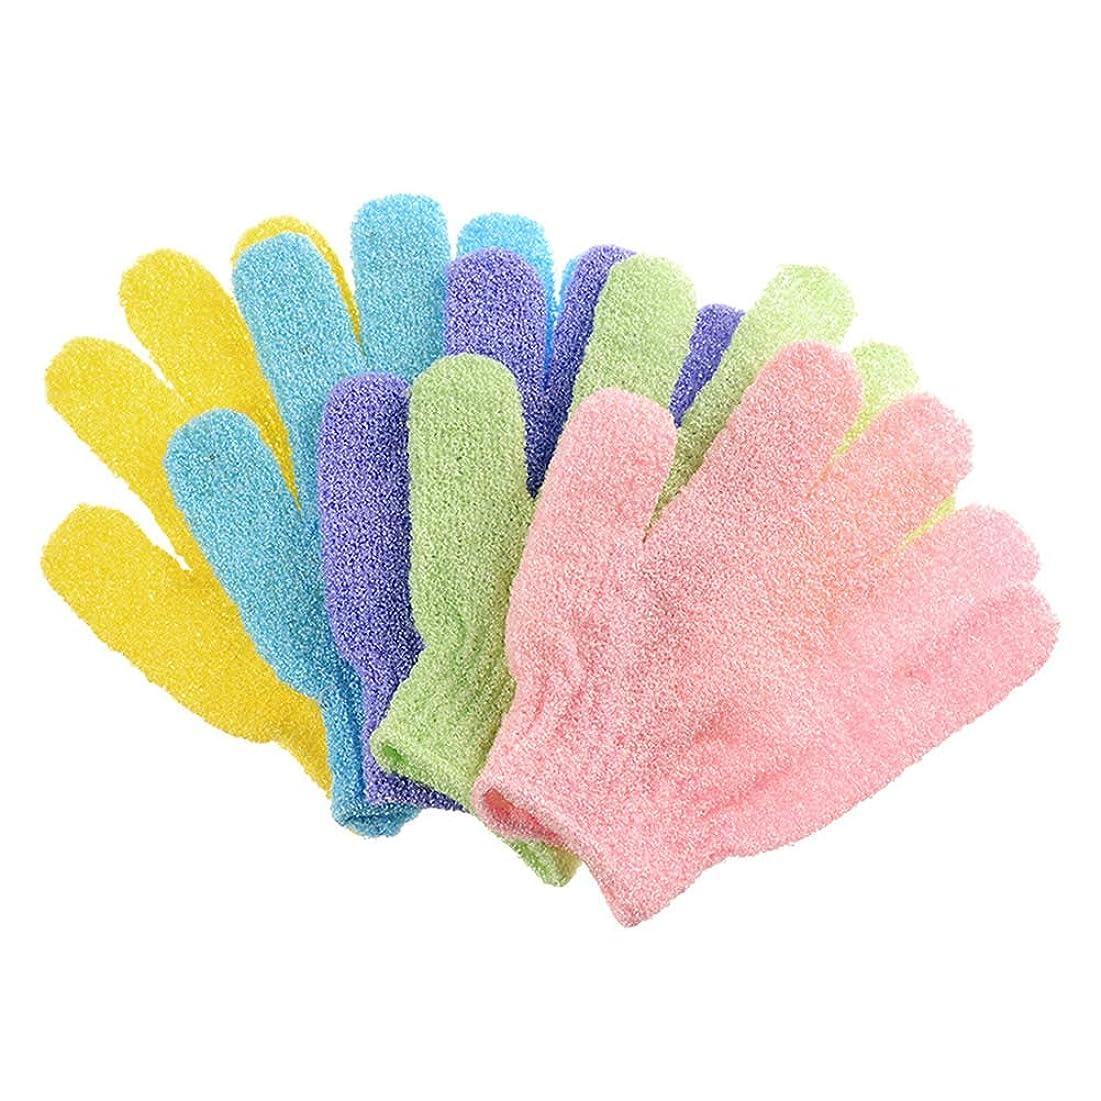 大量間隔コショウTOPBATHY 20ピースバスウォッシュタオル剥離バスクロス手袋バックスクラバーバスクロスタオルボディ用入浴用シャワースパ(混色)